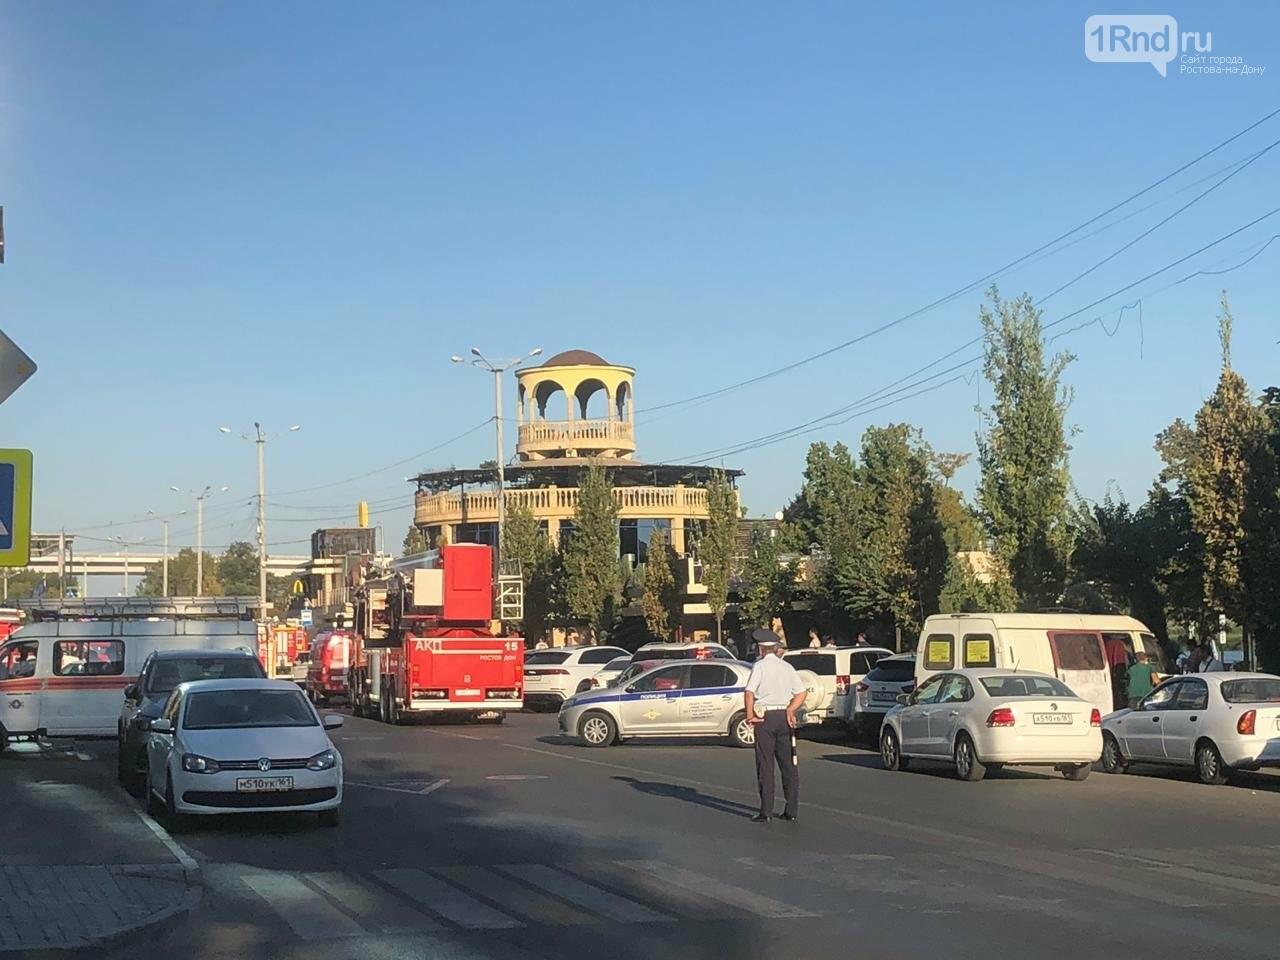 Пожар в отеле Radisson, набережная Дона в Ростове, Фото - Южный автомобиль